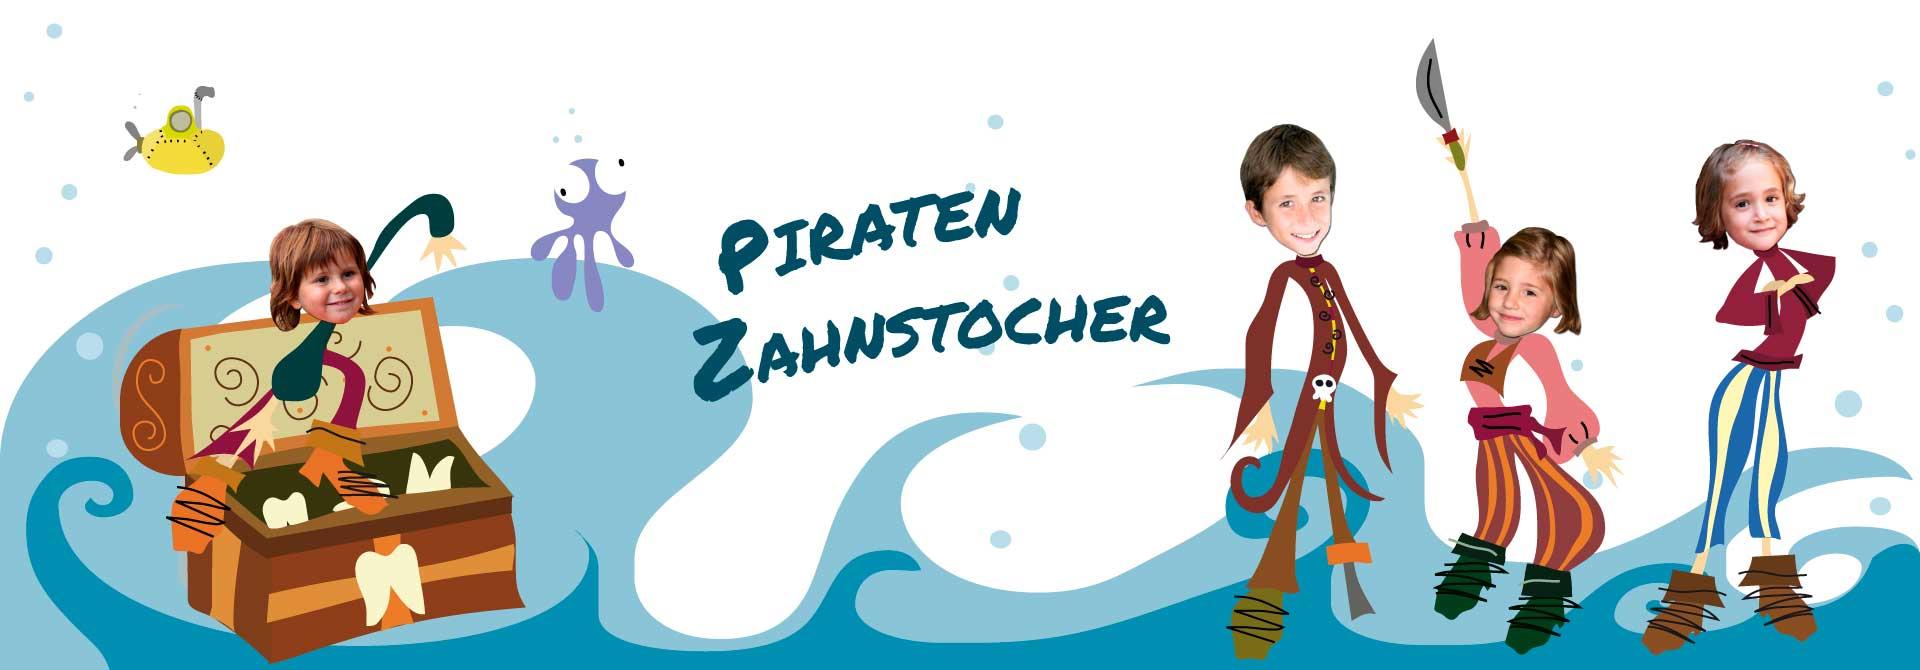 Personalisierte Kinderbücher: Eine personalisierte Piratengeschichte - Produkt- Kopfzeile